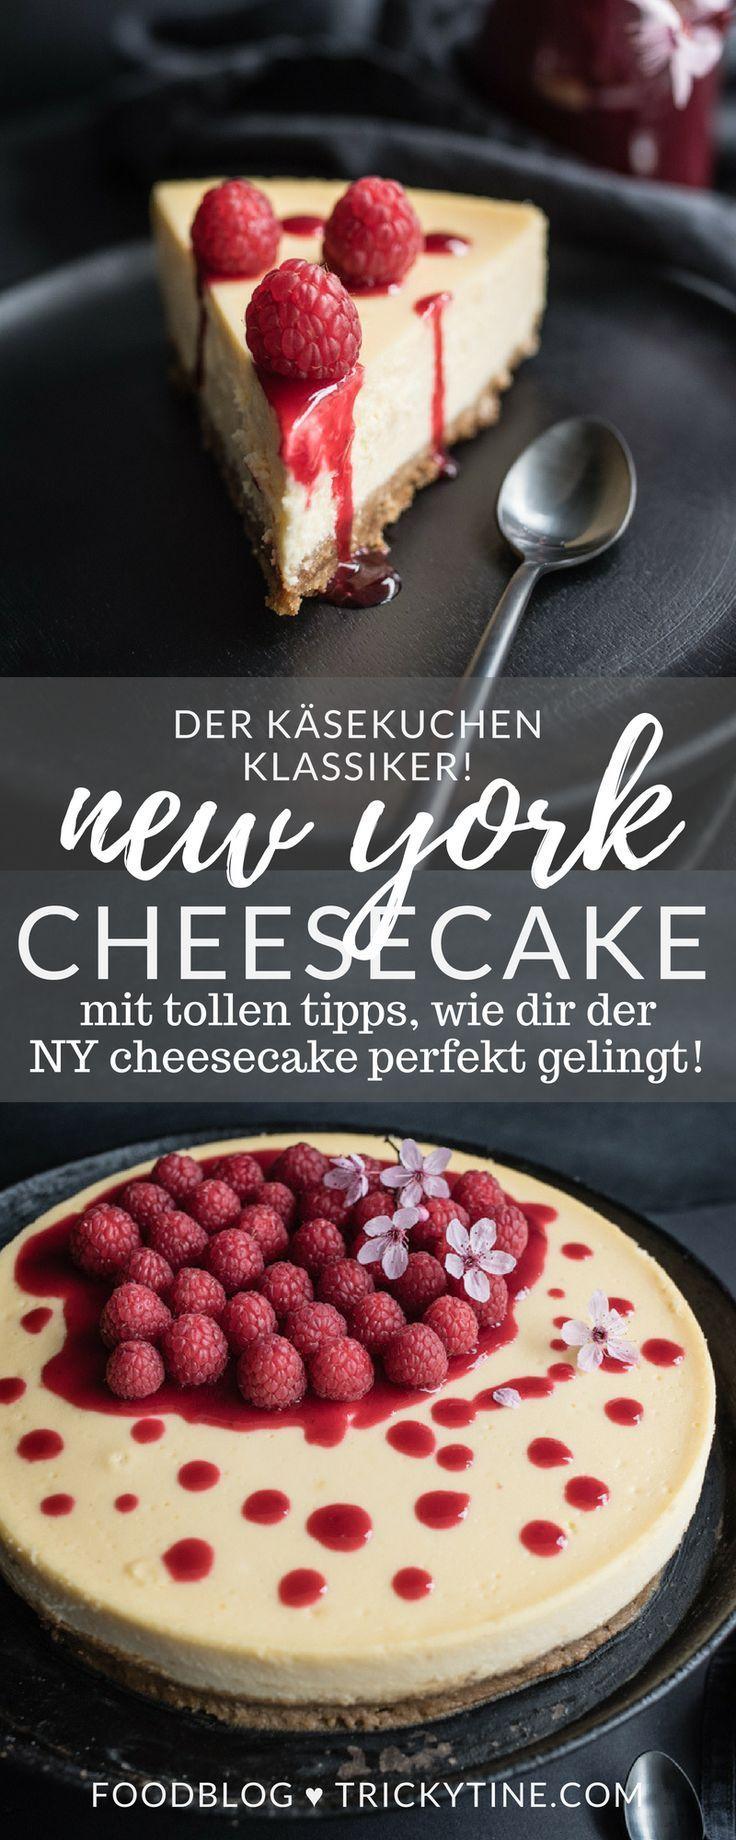 Super cremiger NY Cheesecake mit Himbeersauce - trickytine